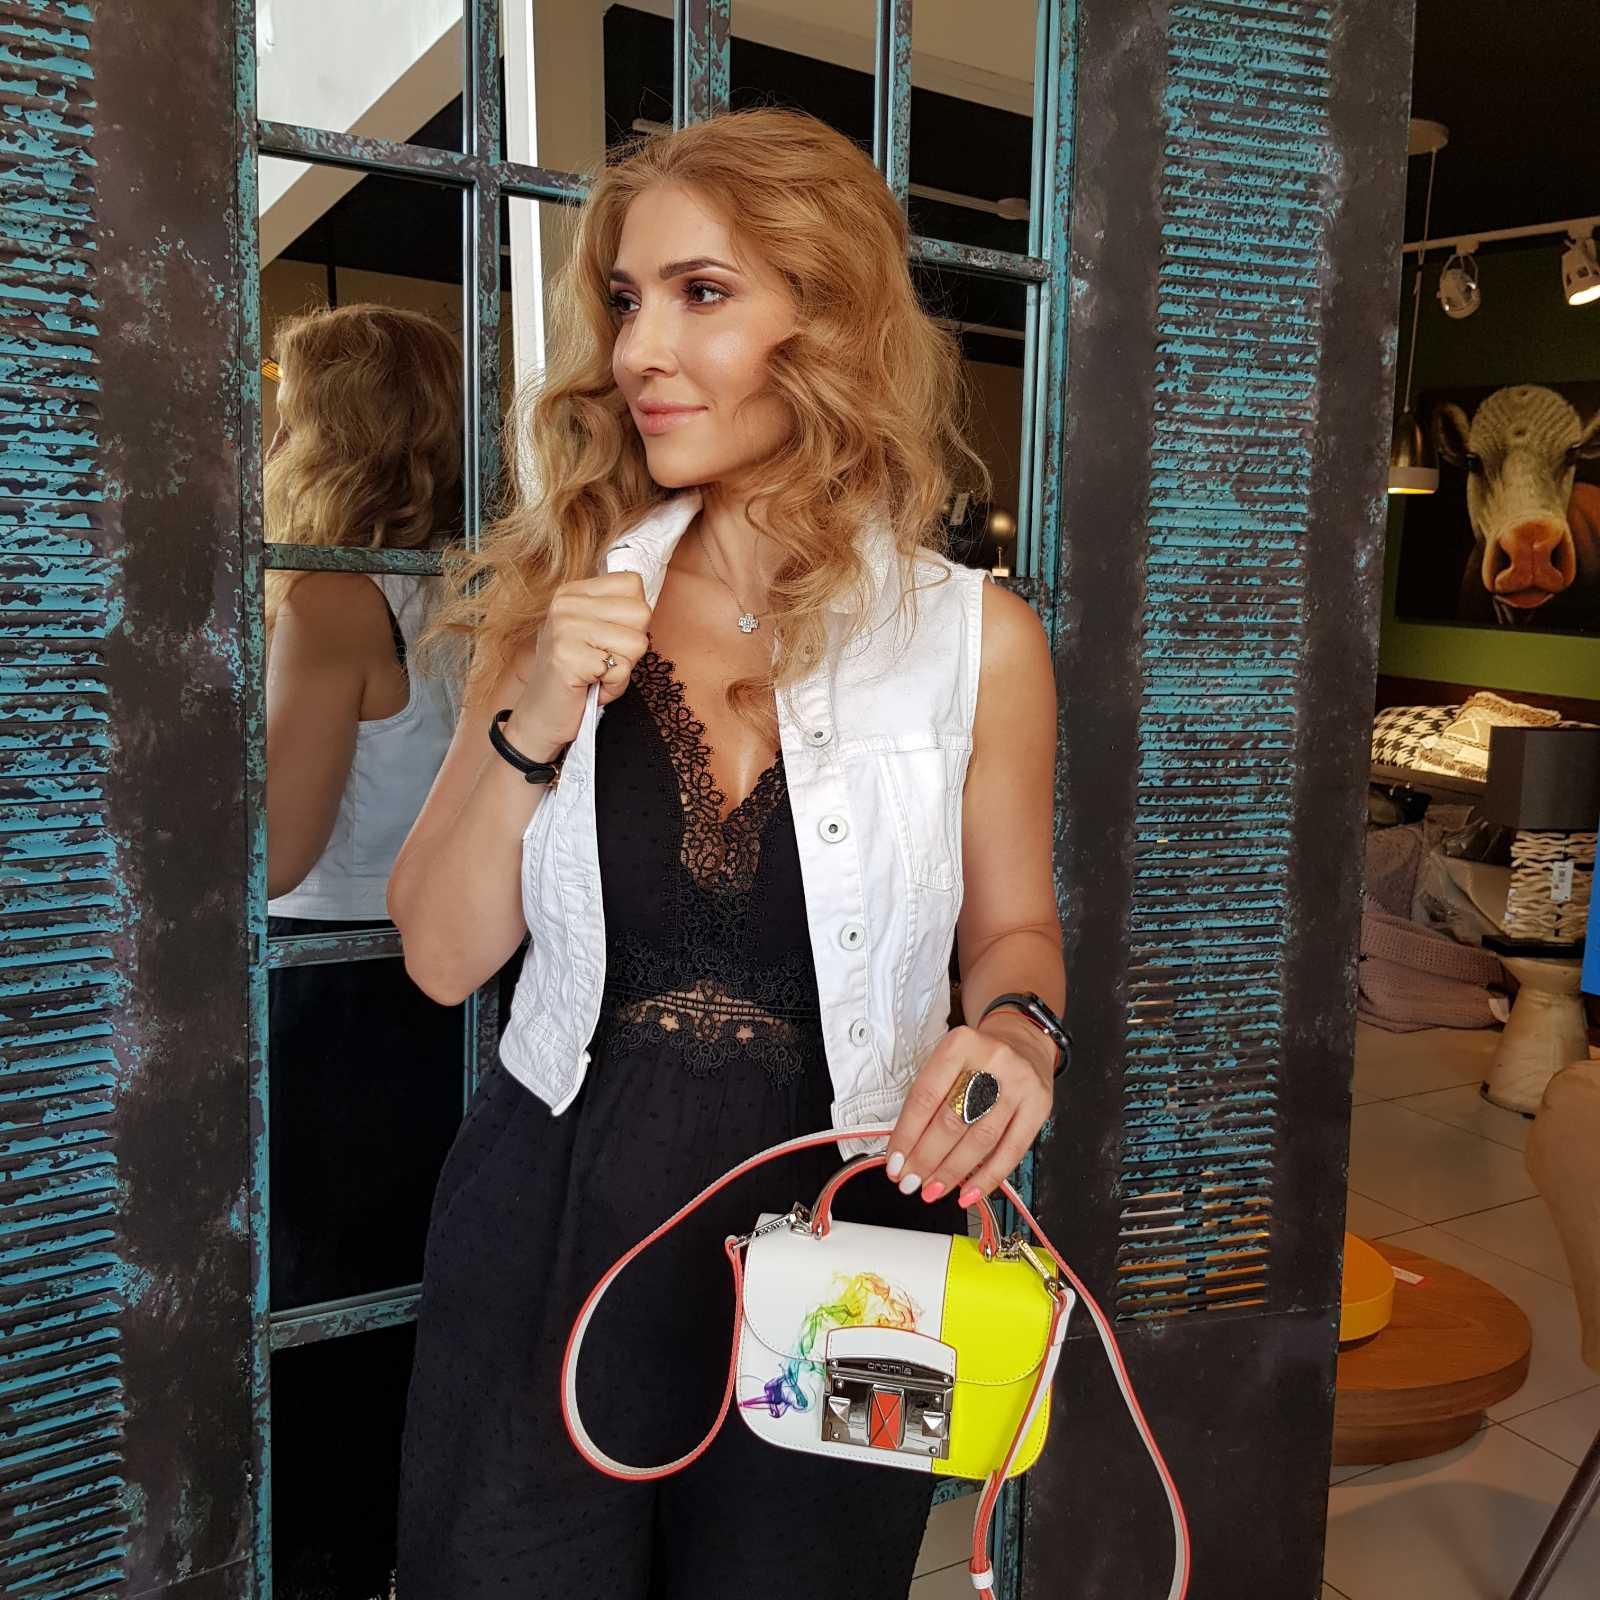 Девушка с миниатюрной итальянской сумочкой Cromia (Кромиа) из натуральной кожи и красочным принтом